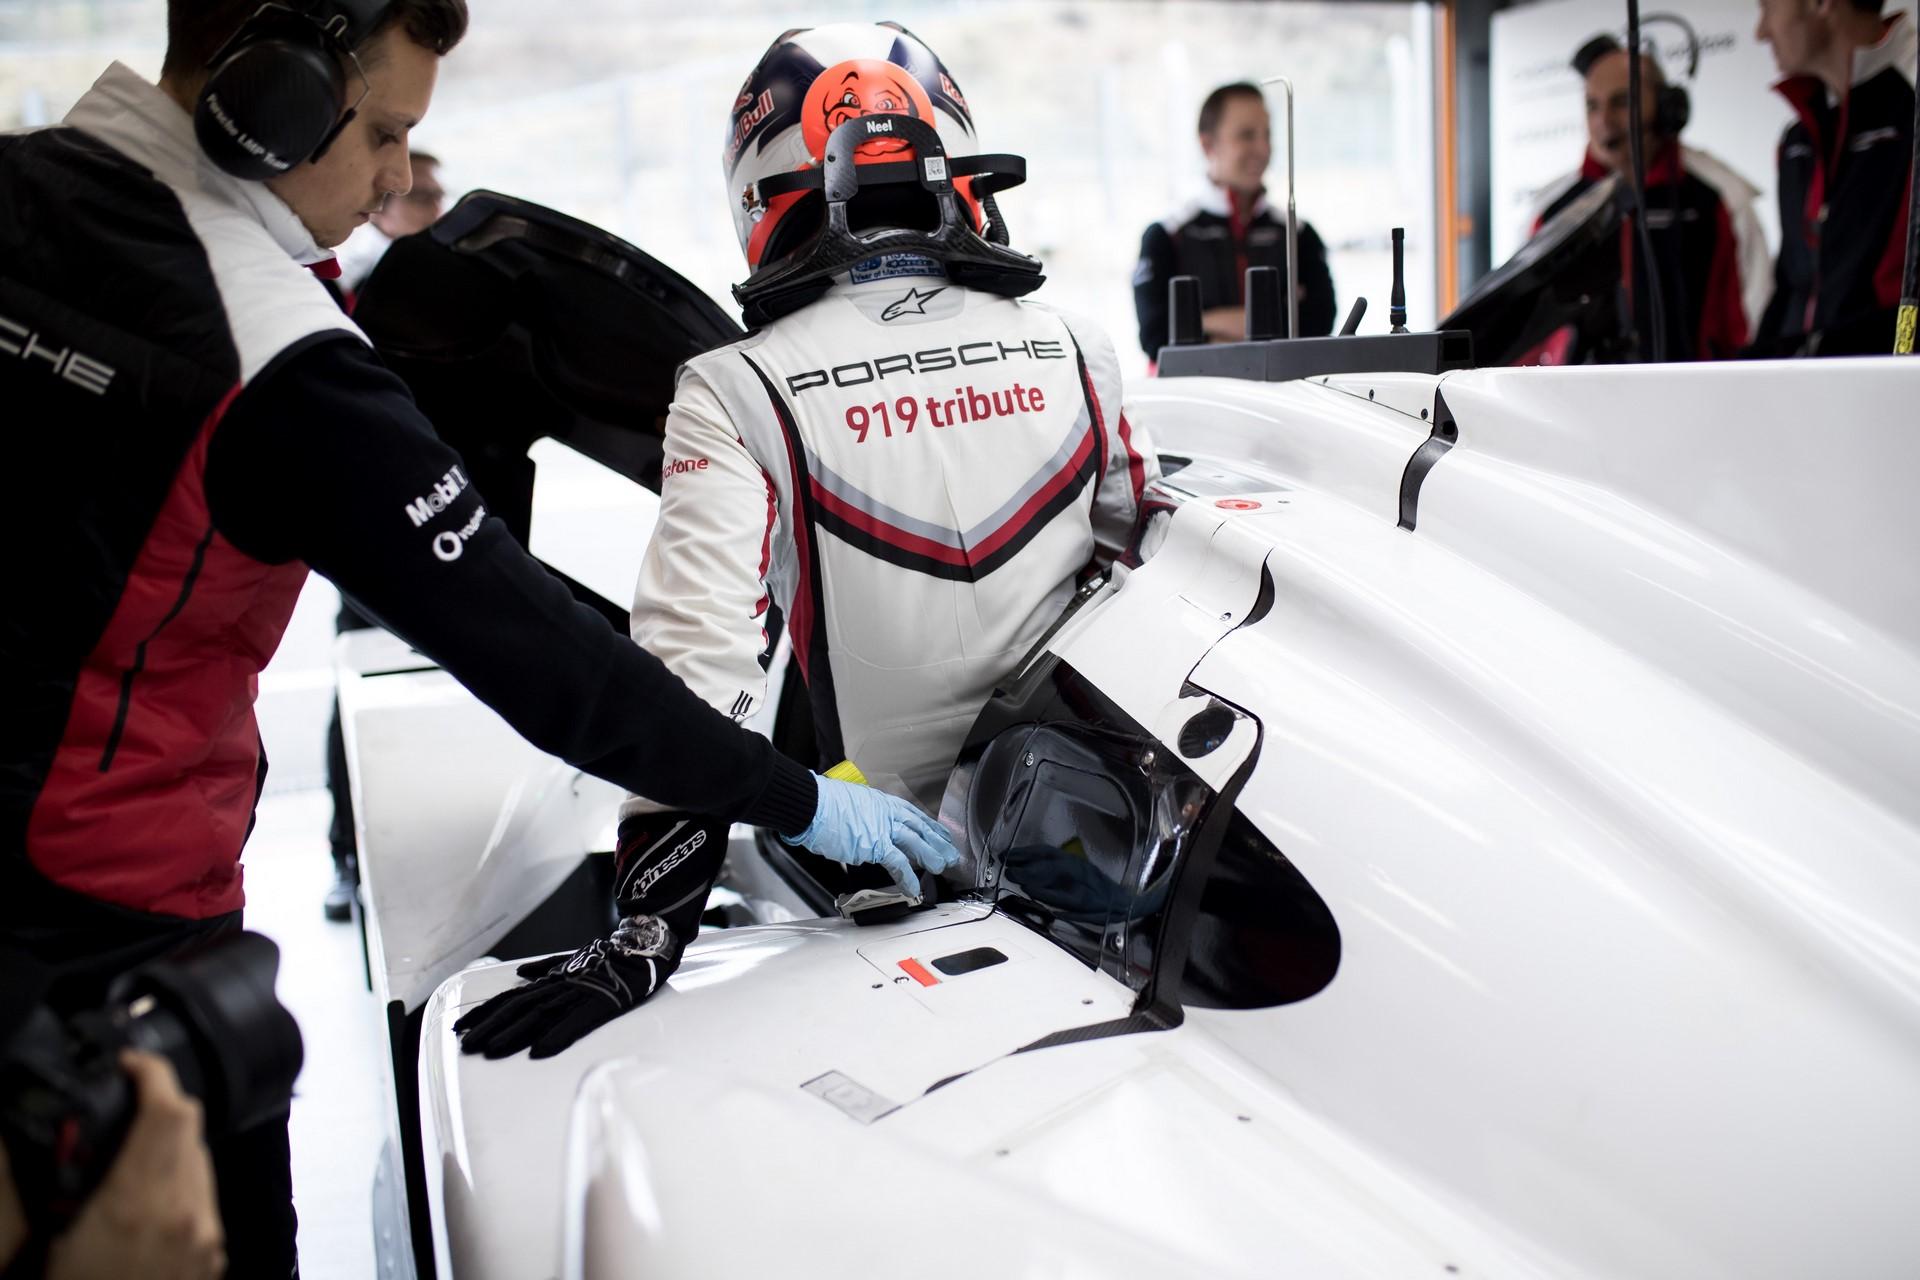 Porsche 919 Hybrid Evo, Porsche LMP Team: Andre Lotterer, Neel Jani, Timo Bernhard